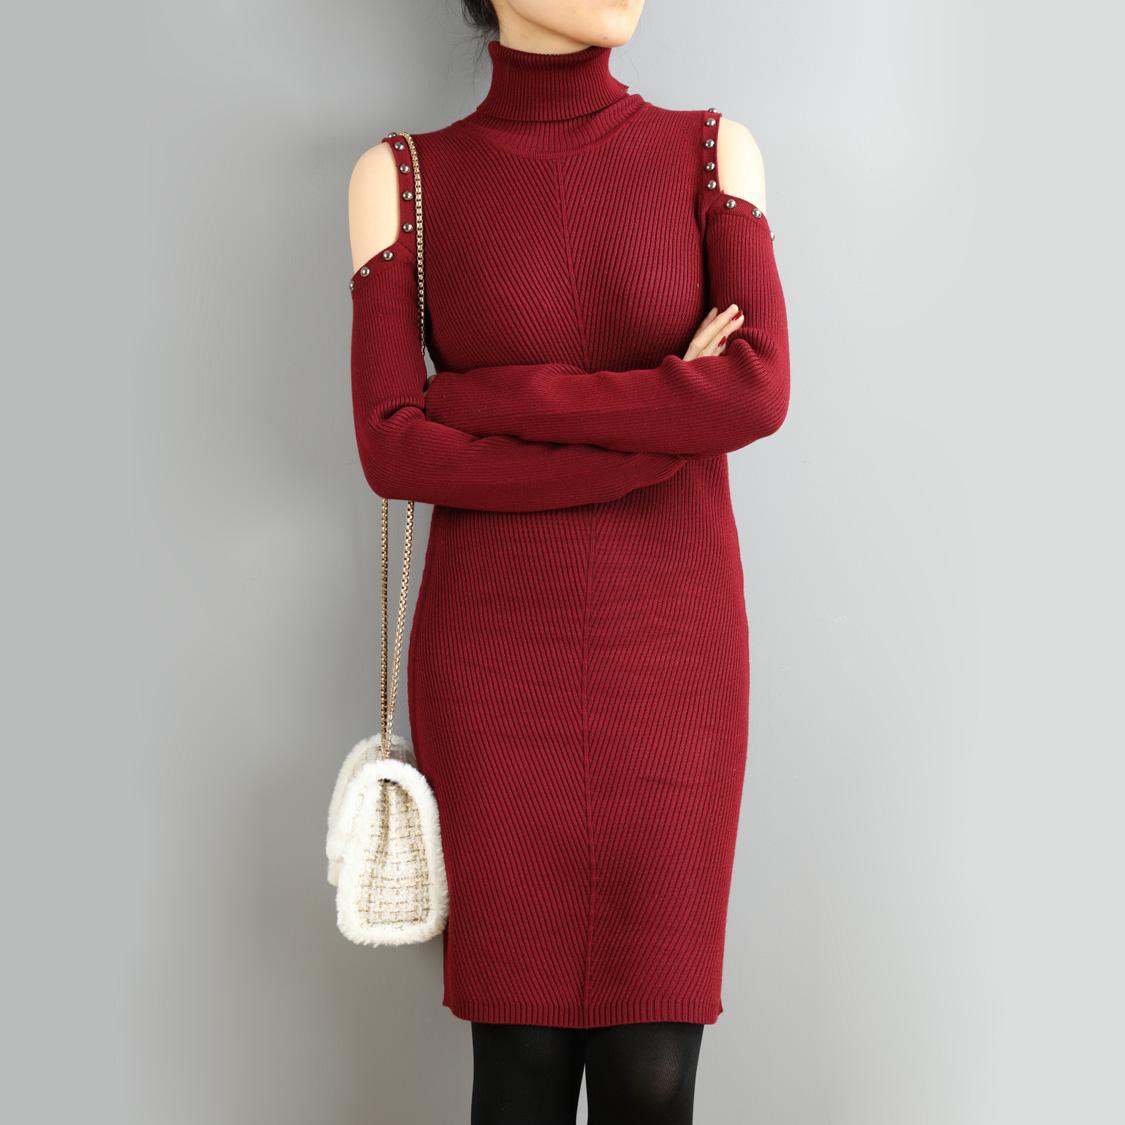 高领秋冬新款短款钉珠打底露肩长袖包臀欧美针织紧身连衣裙女D300